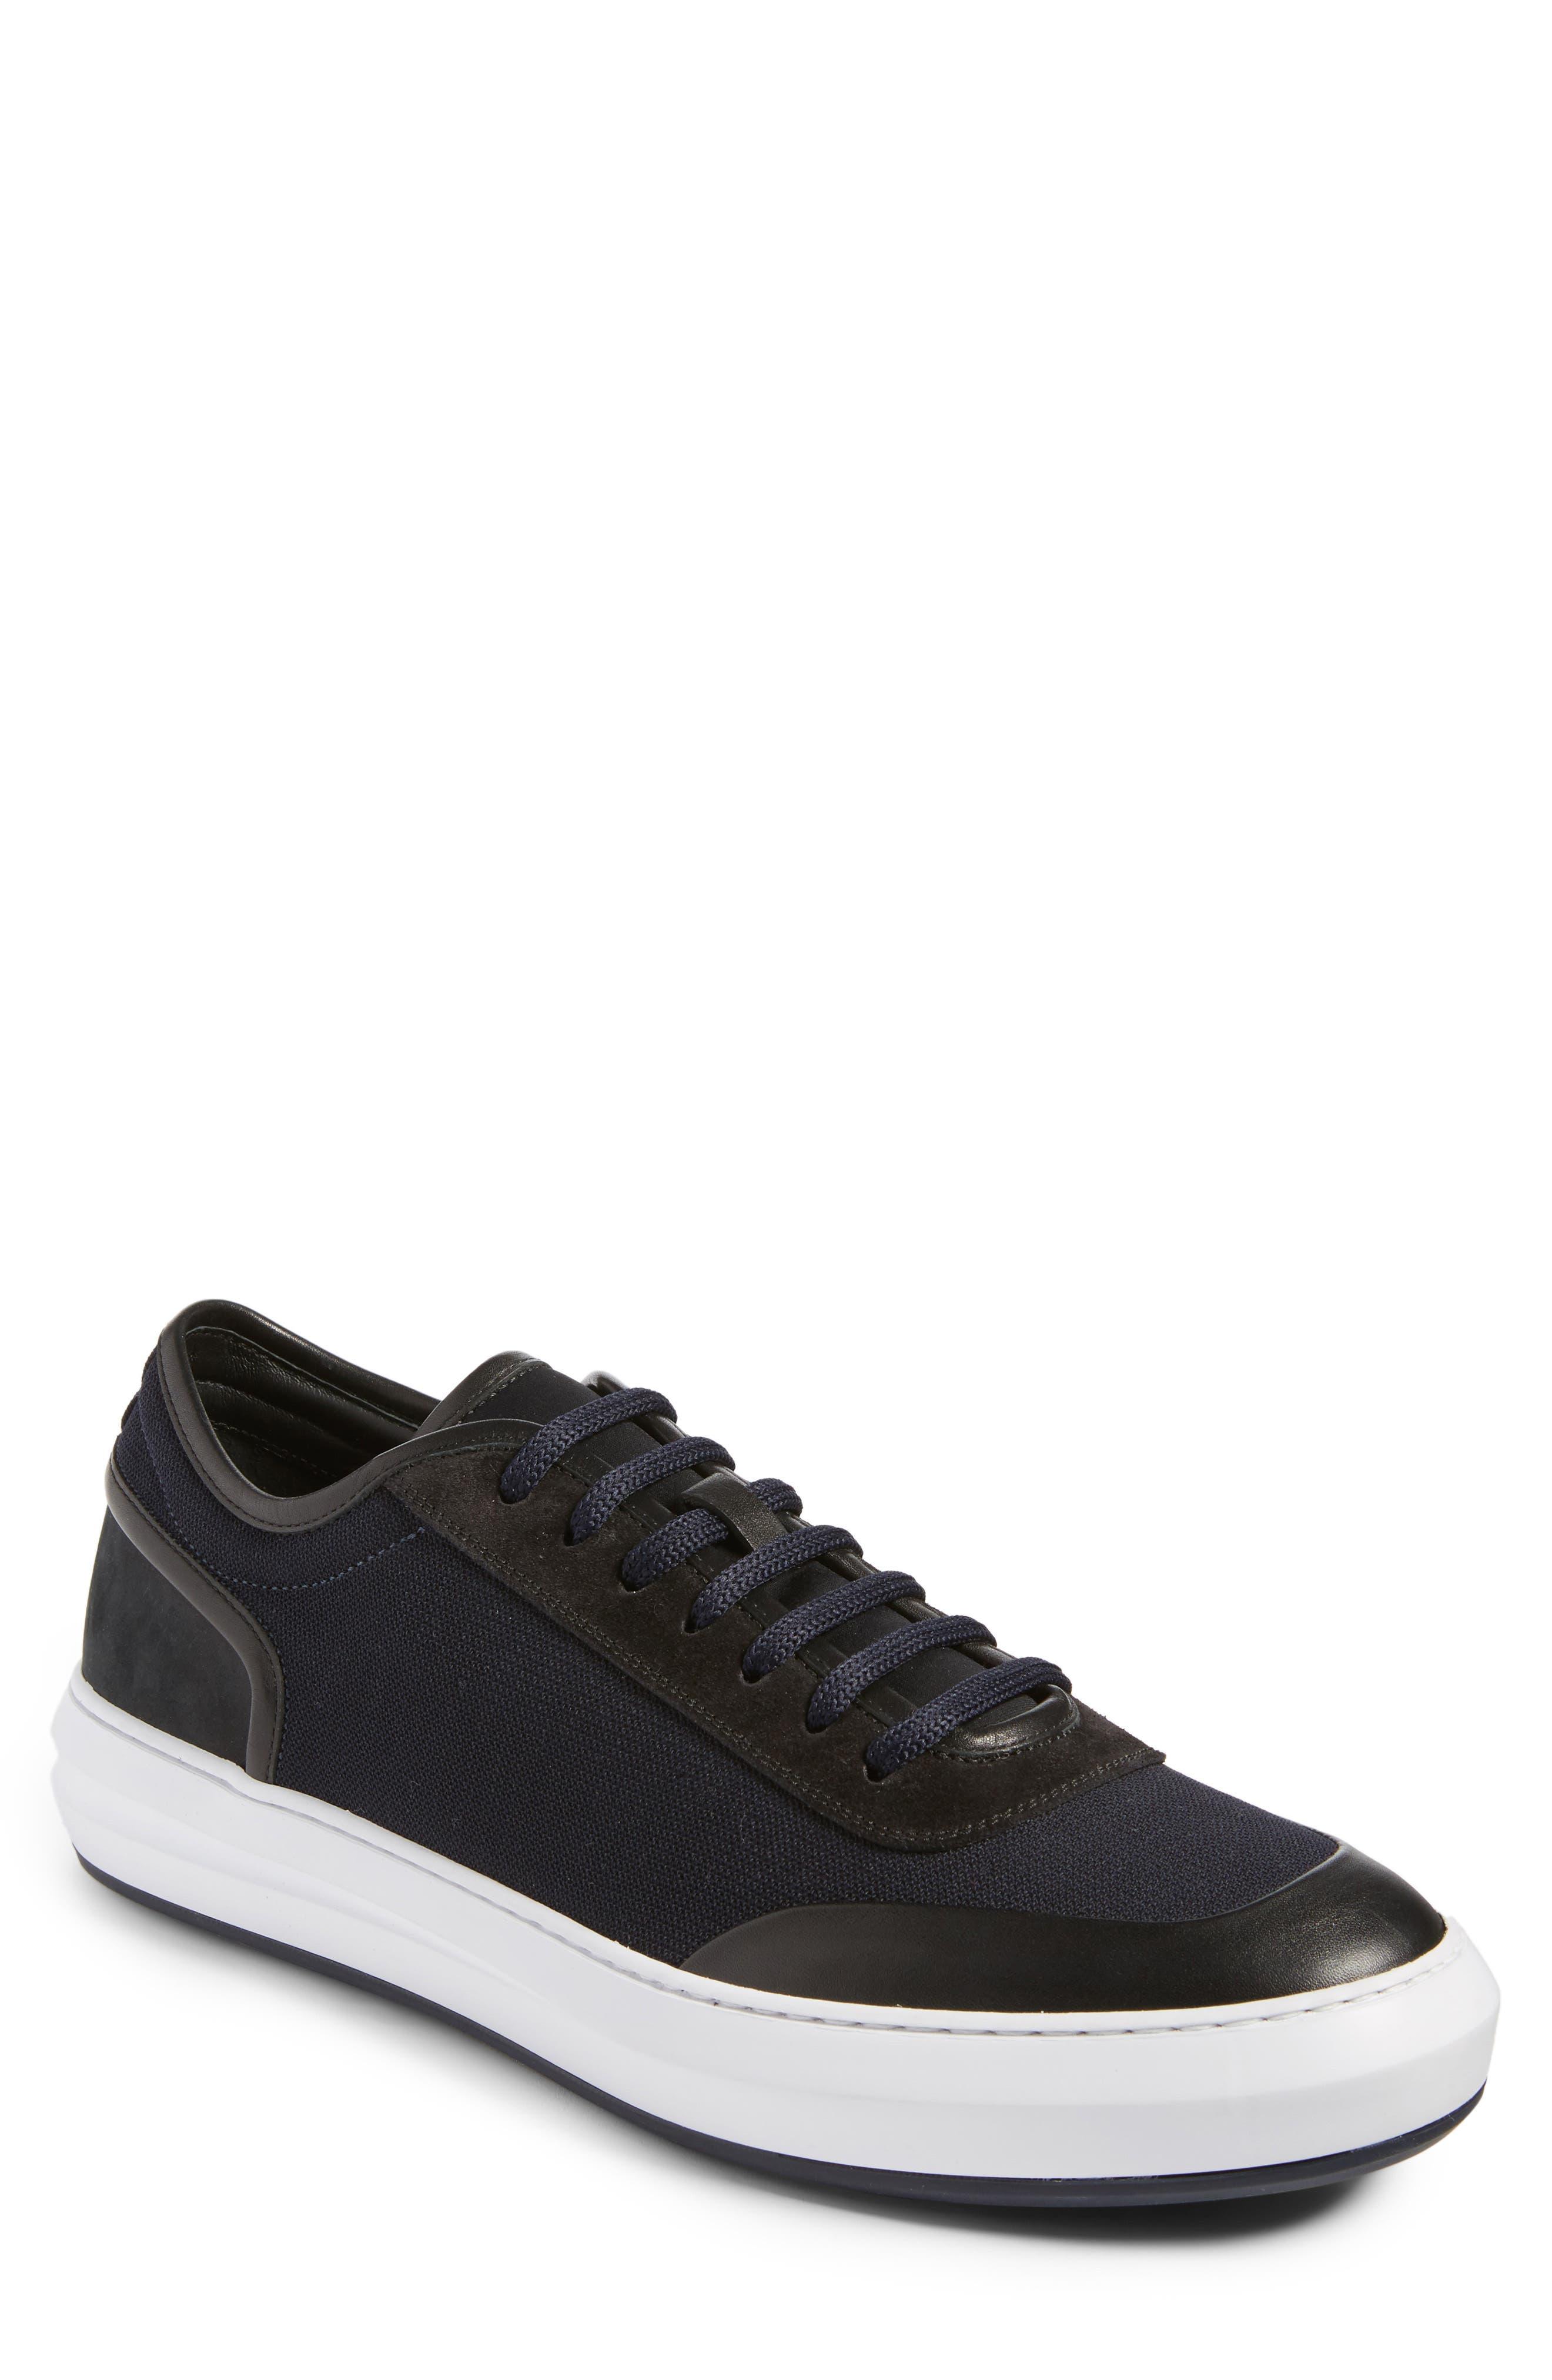 Salvatore Ferragamo Glory 2 Sneaker (Men)